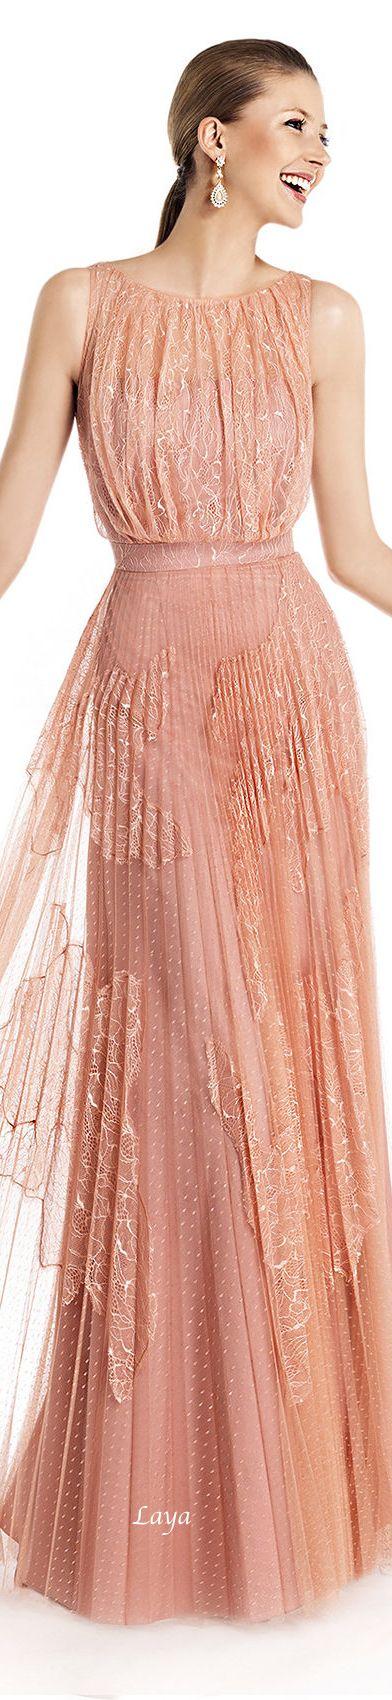 Farb-und Stilberatung mit www.farben-reich.com - Pronovias Cocktail Dress